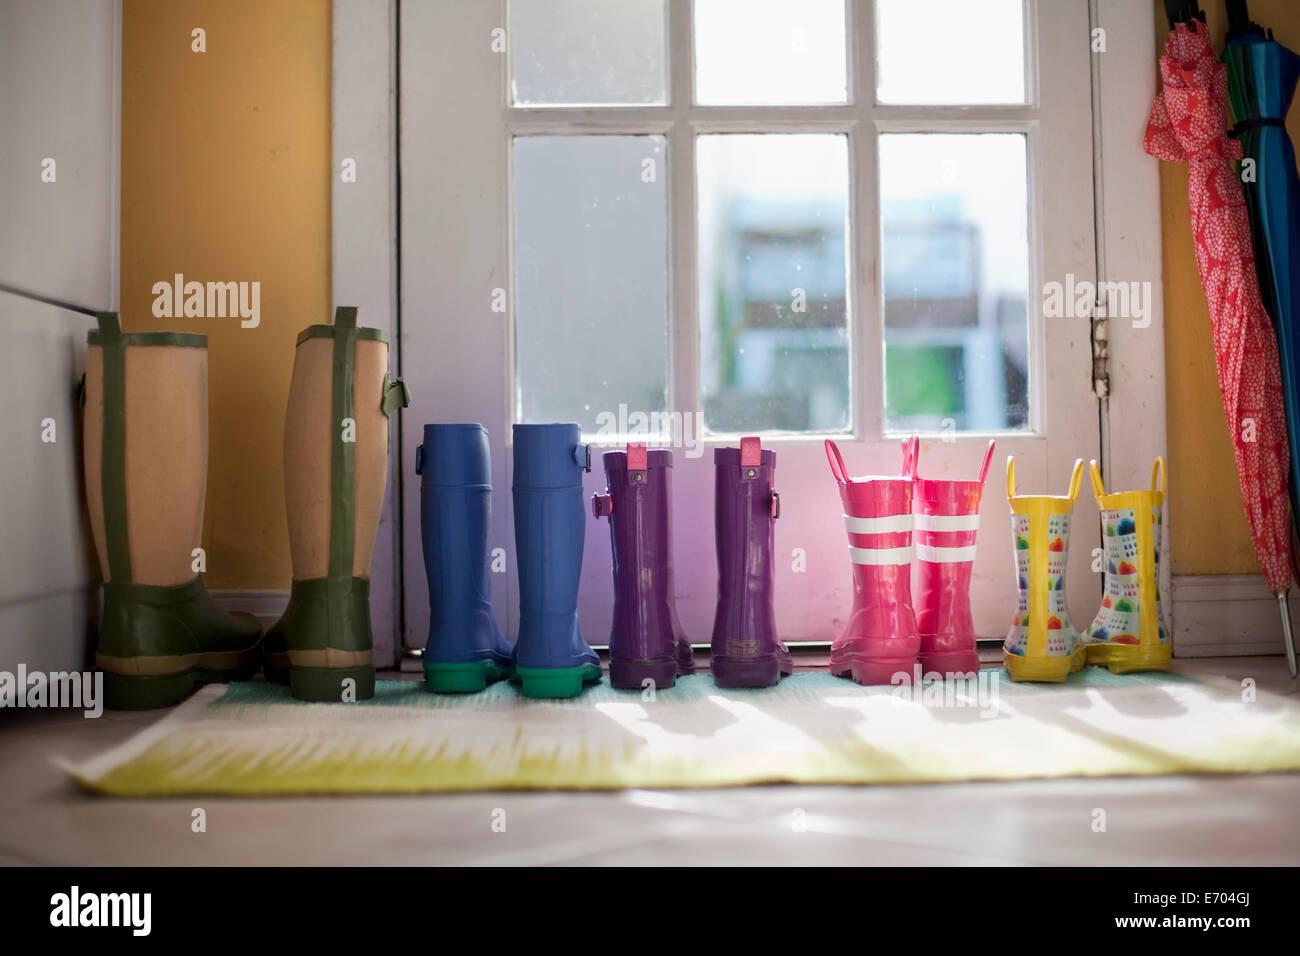 Ordenadas hileras de botas de goma en la puerta de atrás Imagen De Stock